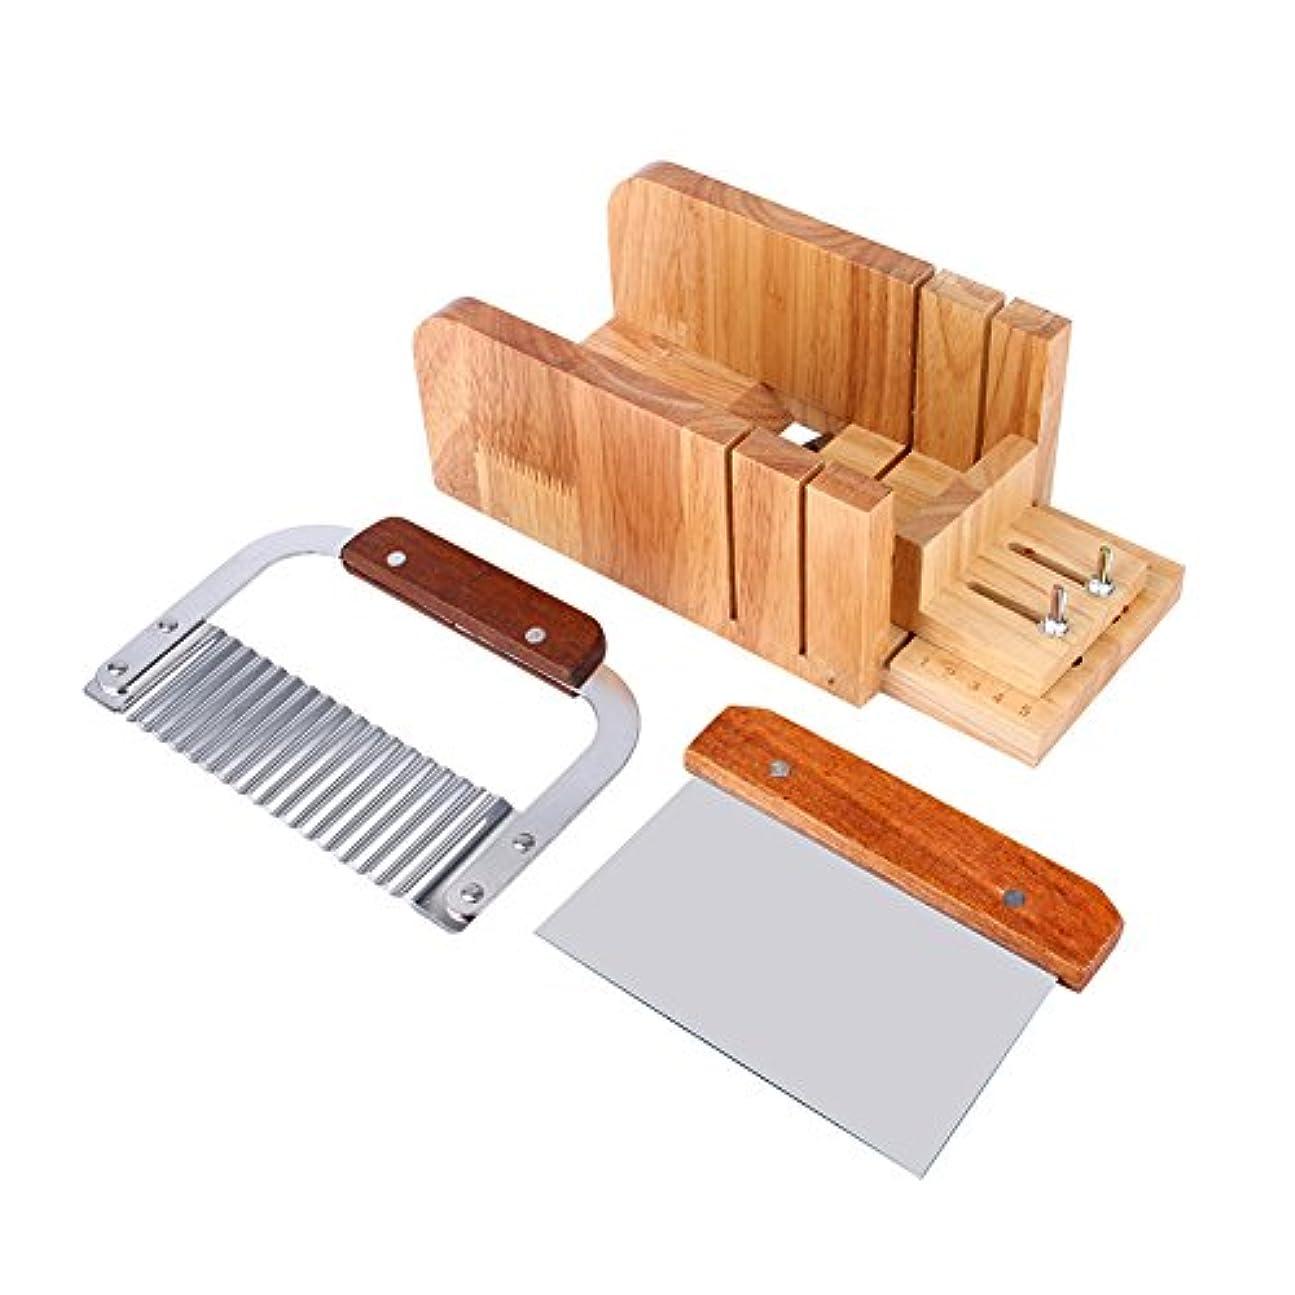 旋律的普通に実行する3点セット ソープカッター 石けん金型ソープロープ カッター 木製 カッター ツールDIY 手作り 木製ボックス松木製 ストレートソープ包丁 ナイフ モールドソープ調整可能レトロ